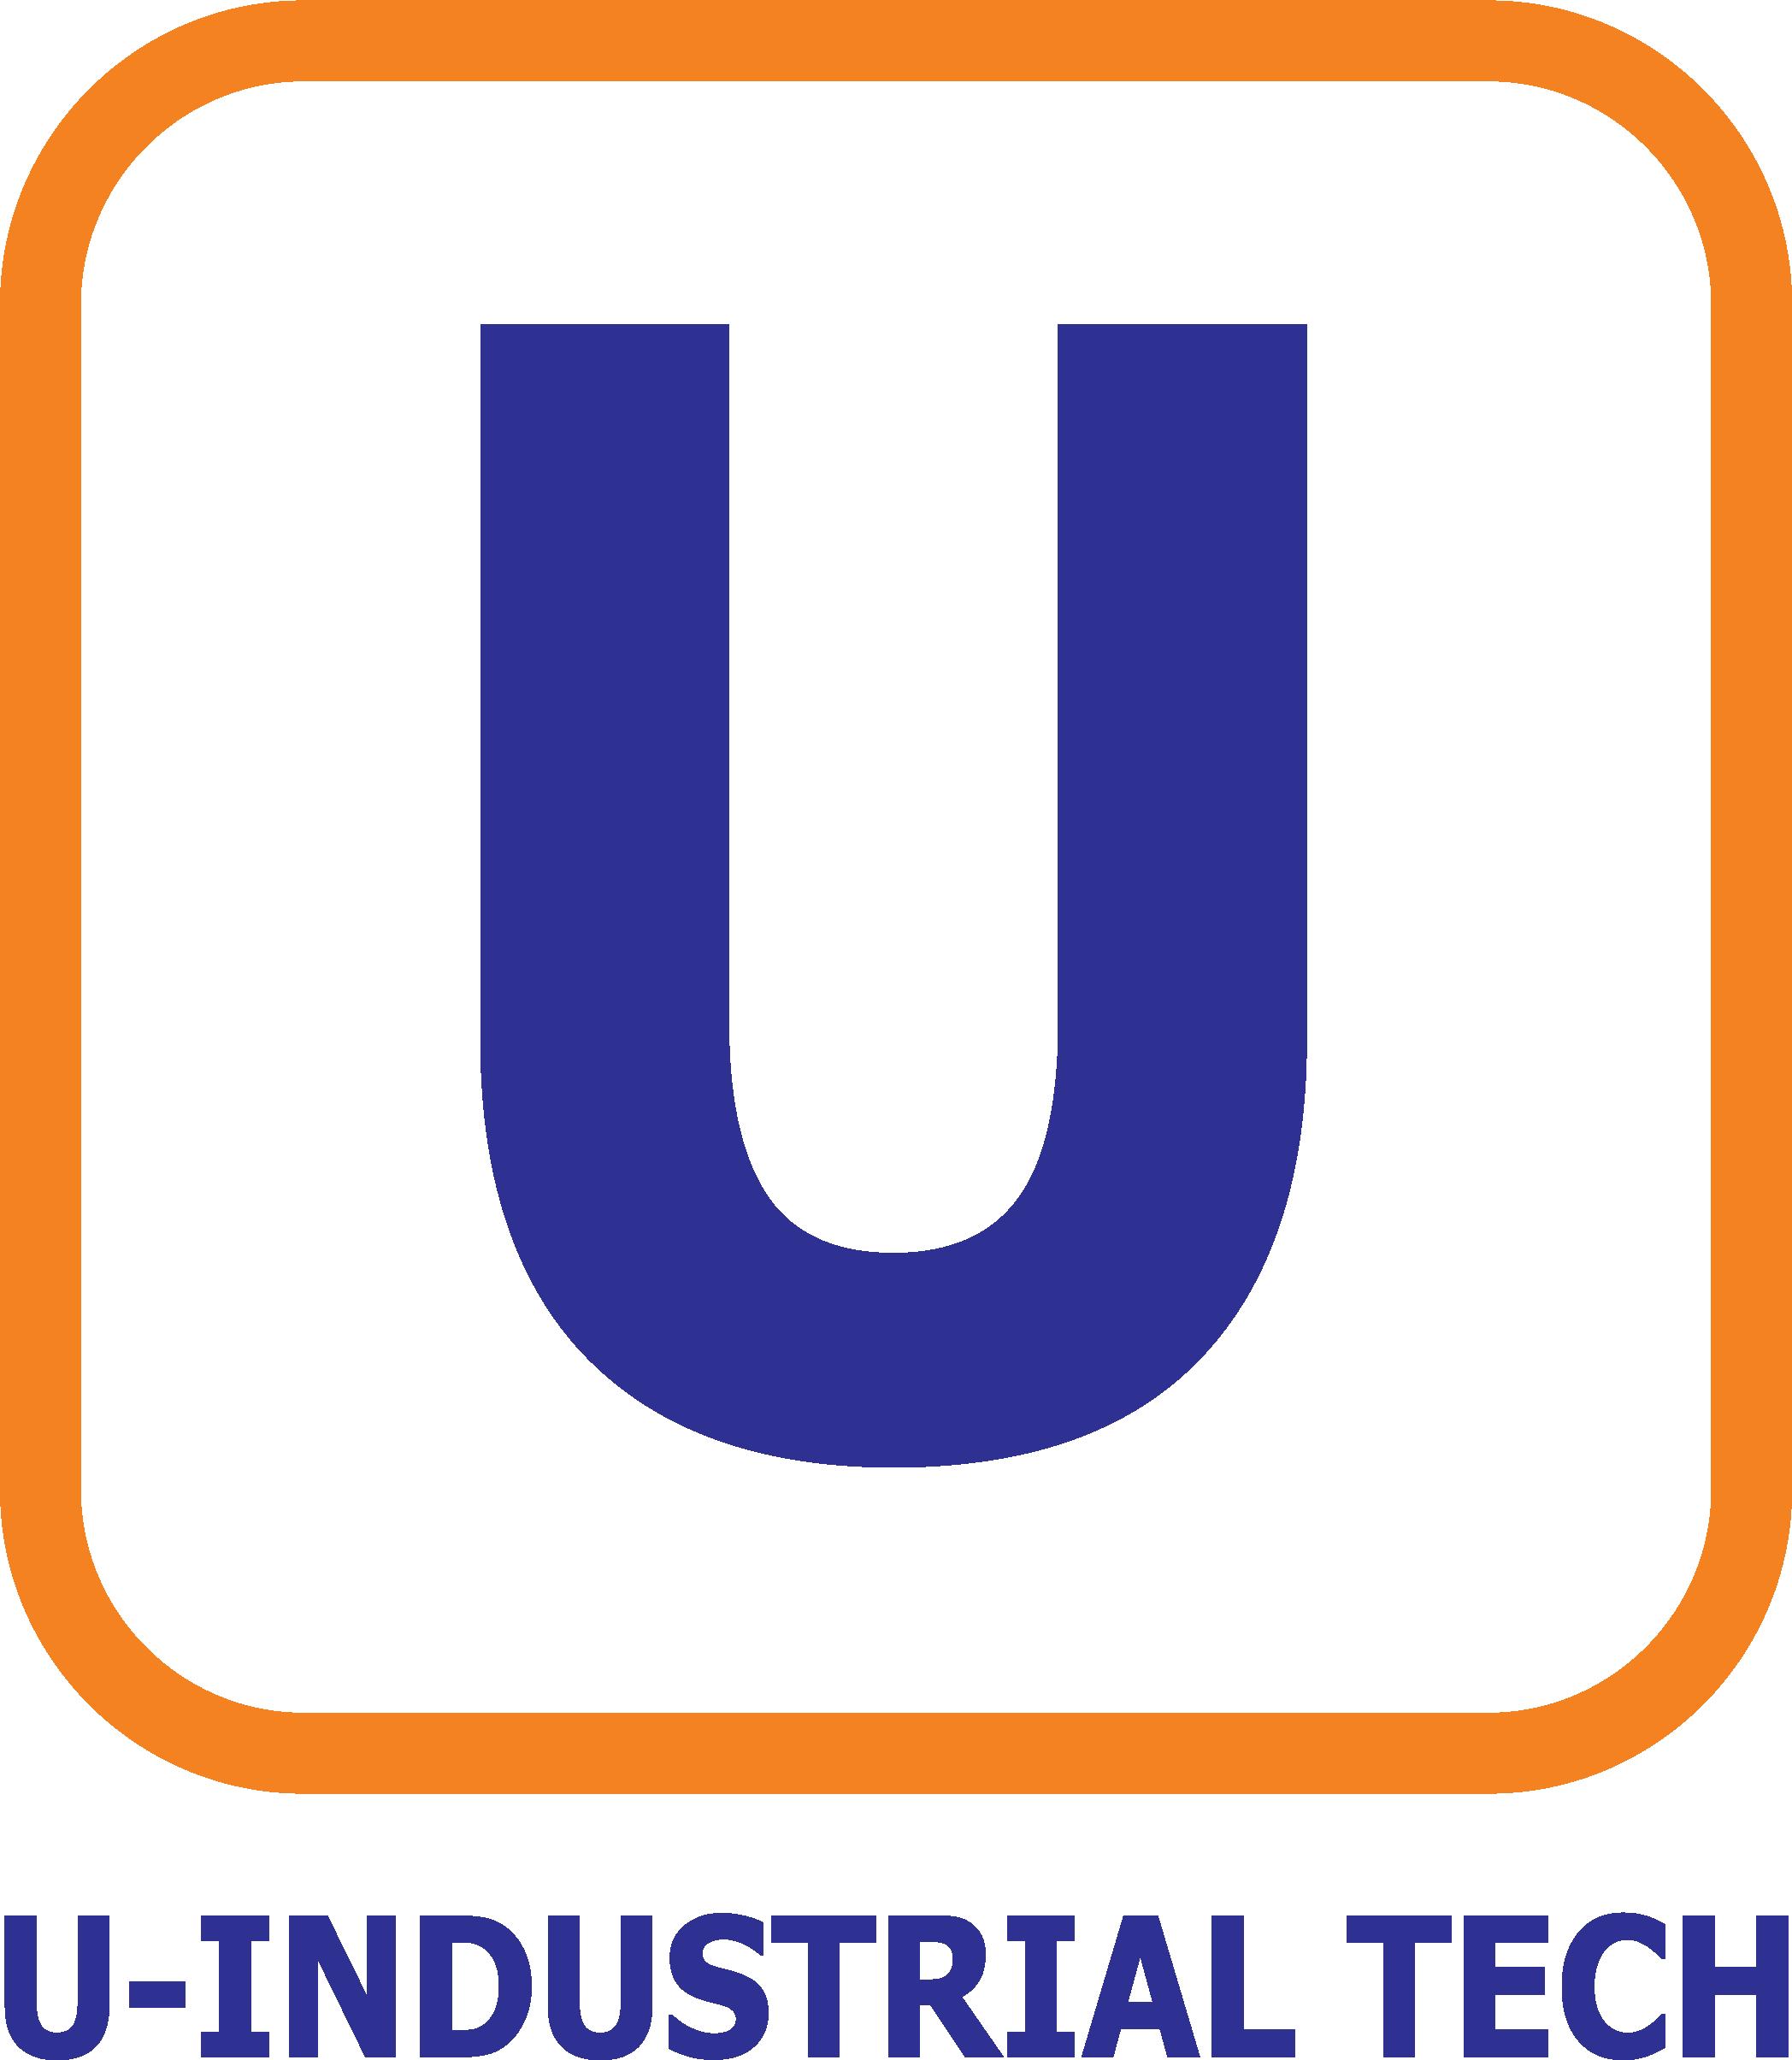 บริษัท ยู – อินดัสเทรียล เทค จำกัด